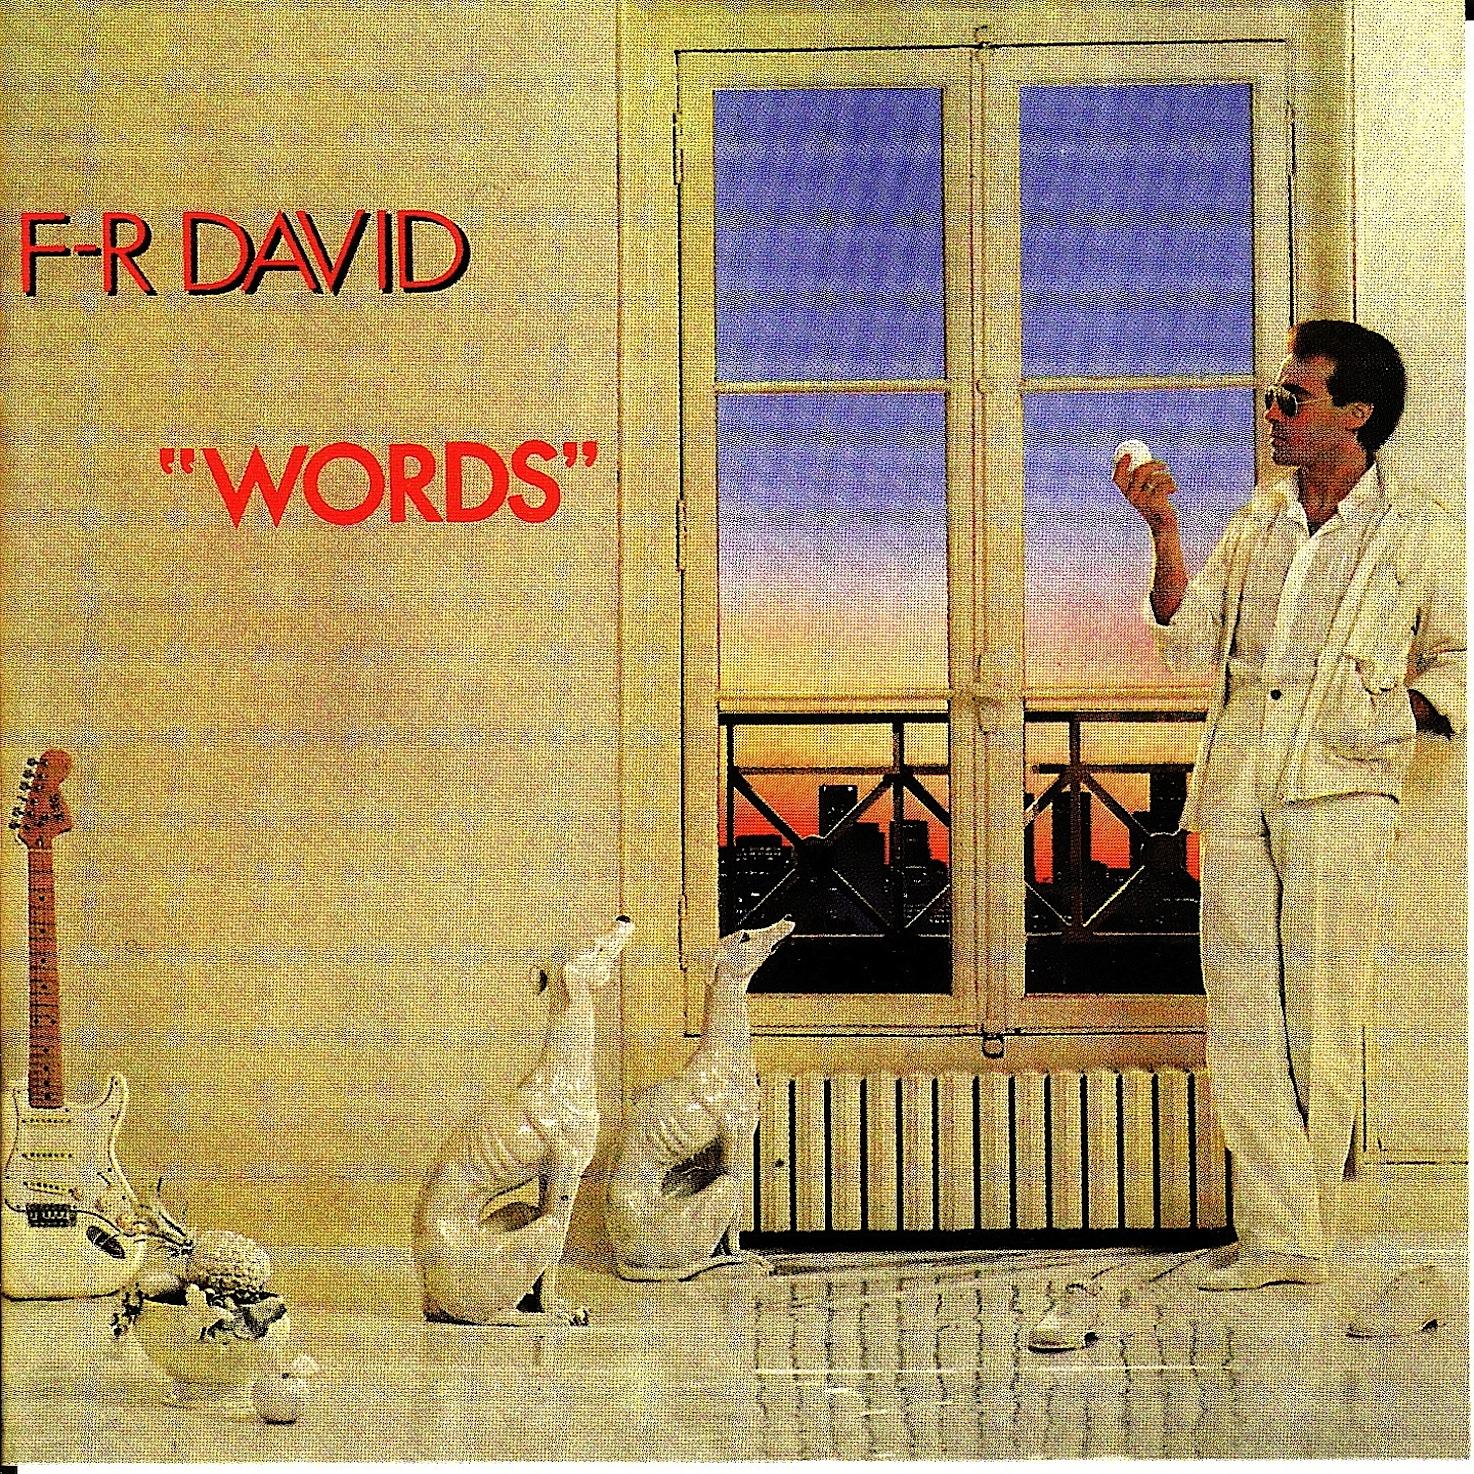 F_R_DAVID_WORDS_musica_anni_80